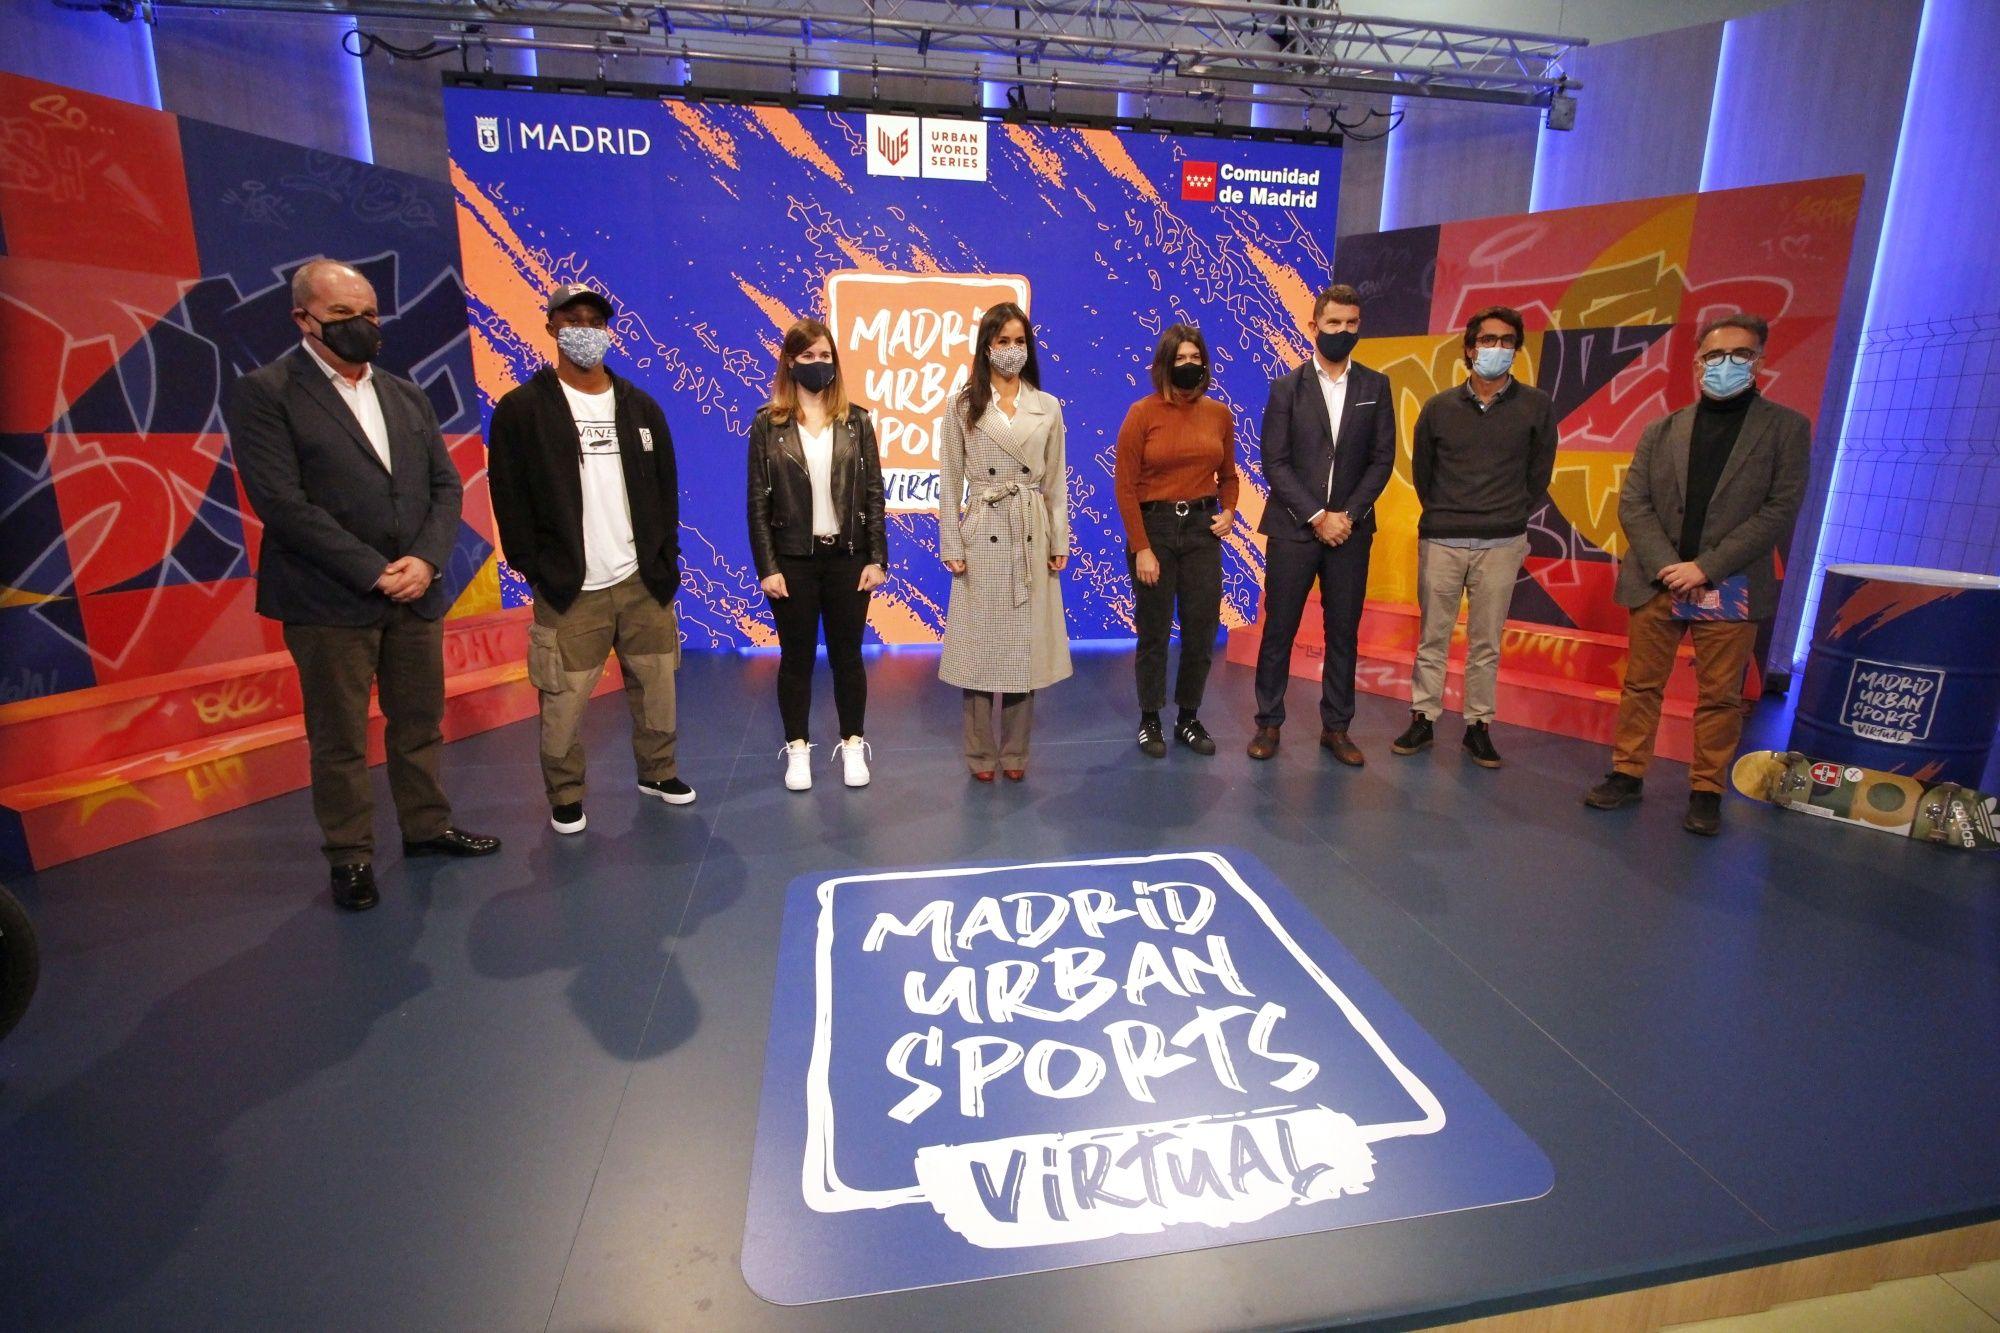 Madrid, epicentro de los deportes urbanos con un evento virtual